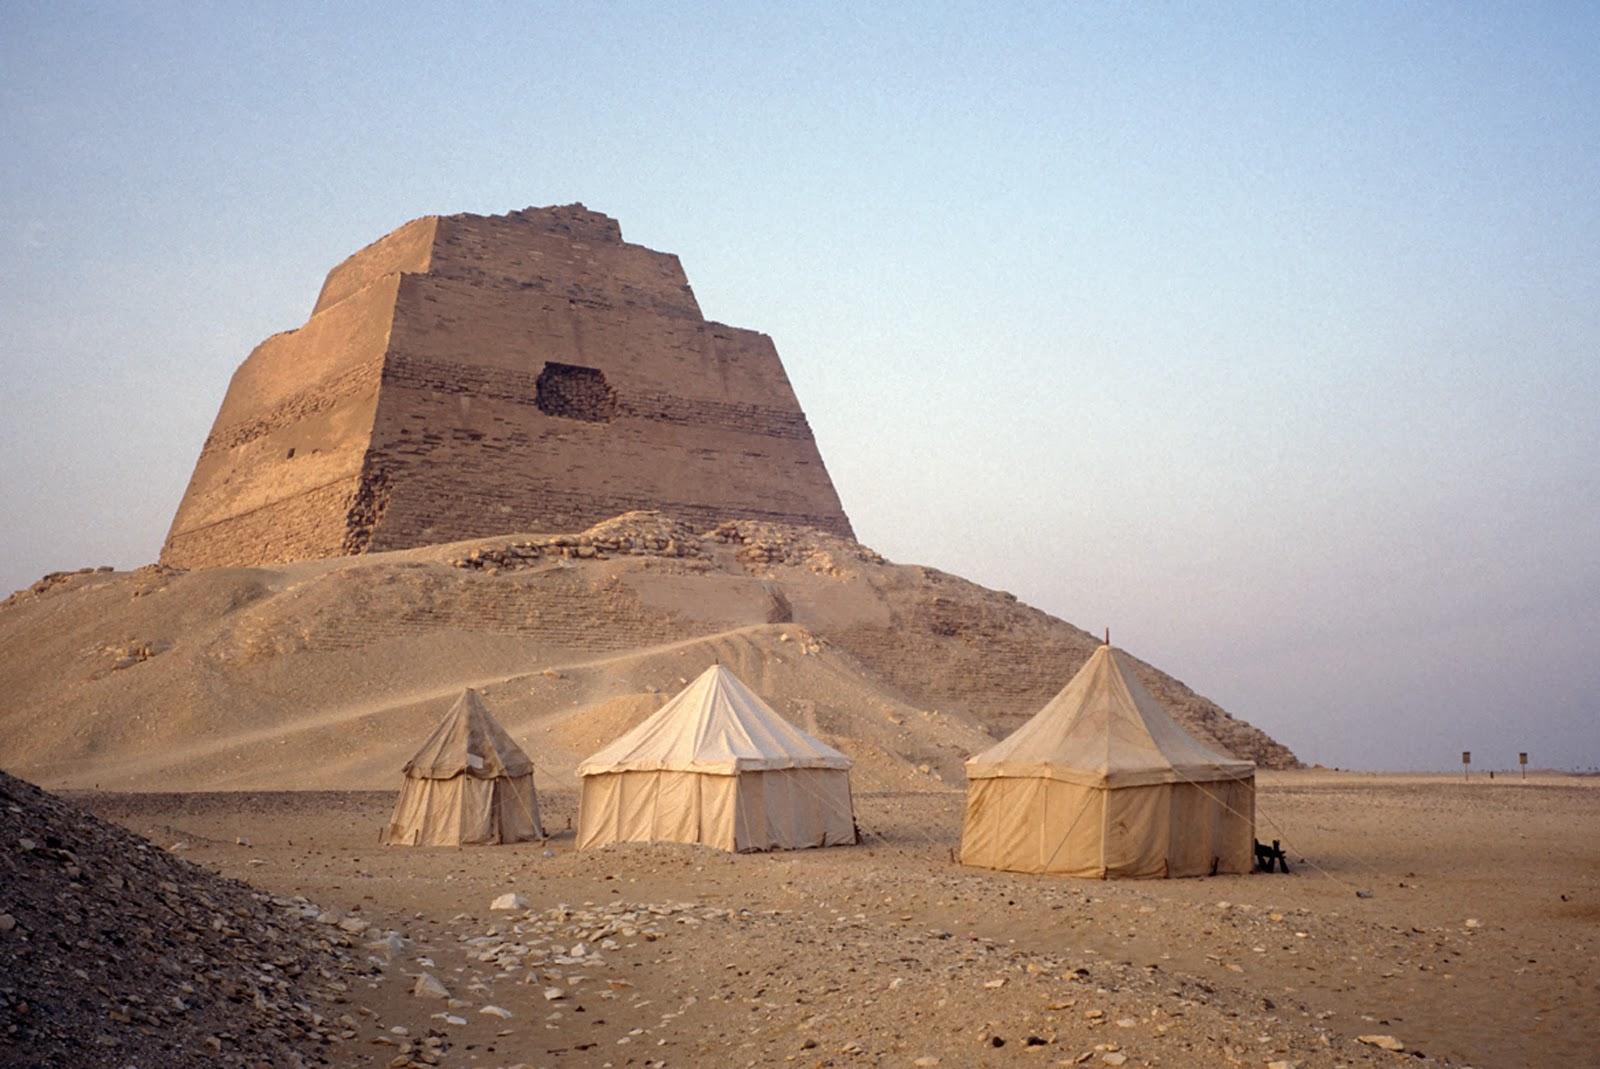 سياحة بنى سويف : دعوة لزيارة معالم محافظة بني سويف